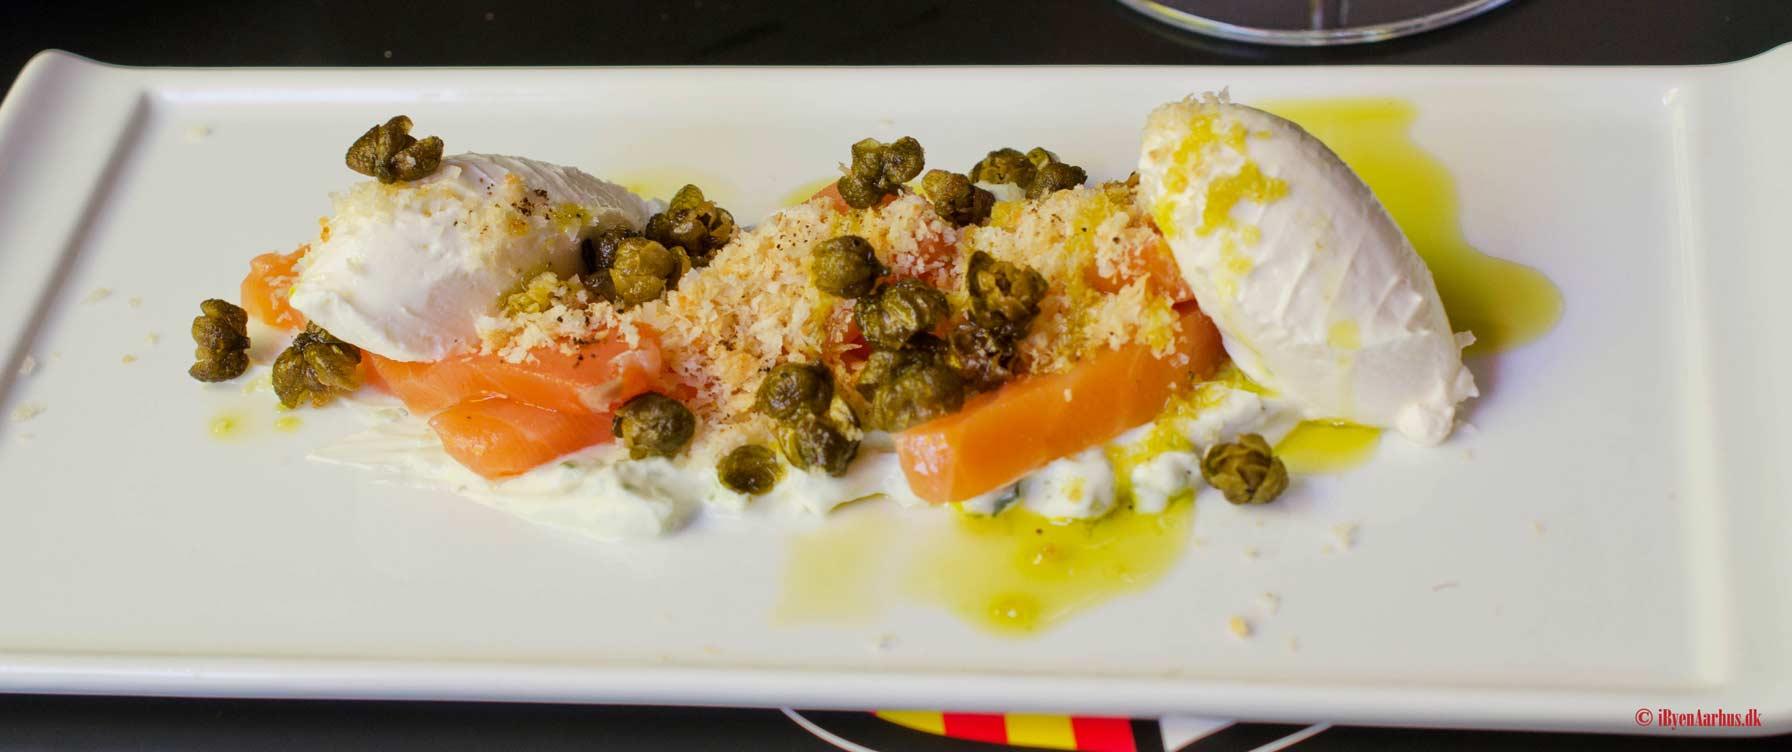 Canblau – matcher de absolutte bedste Tapas Restauranter